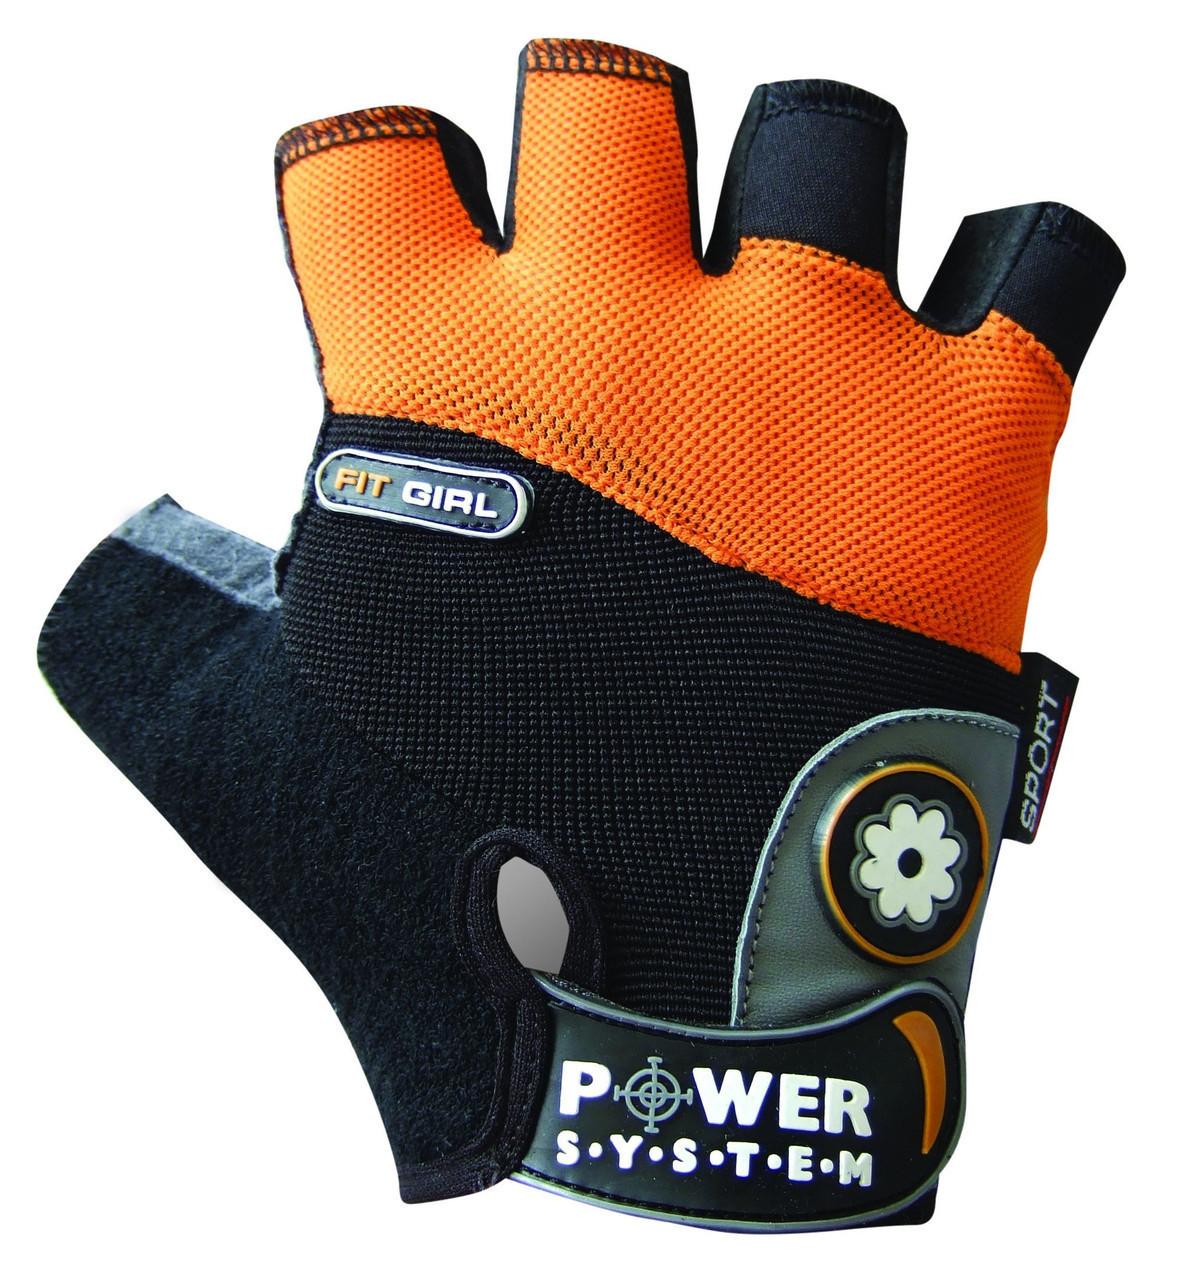 Перчатки для фитнеса и тяжелой атлетики Power System Fit Girl PS-2900 M Black/Orange